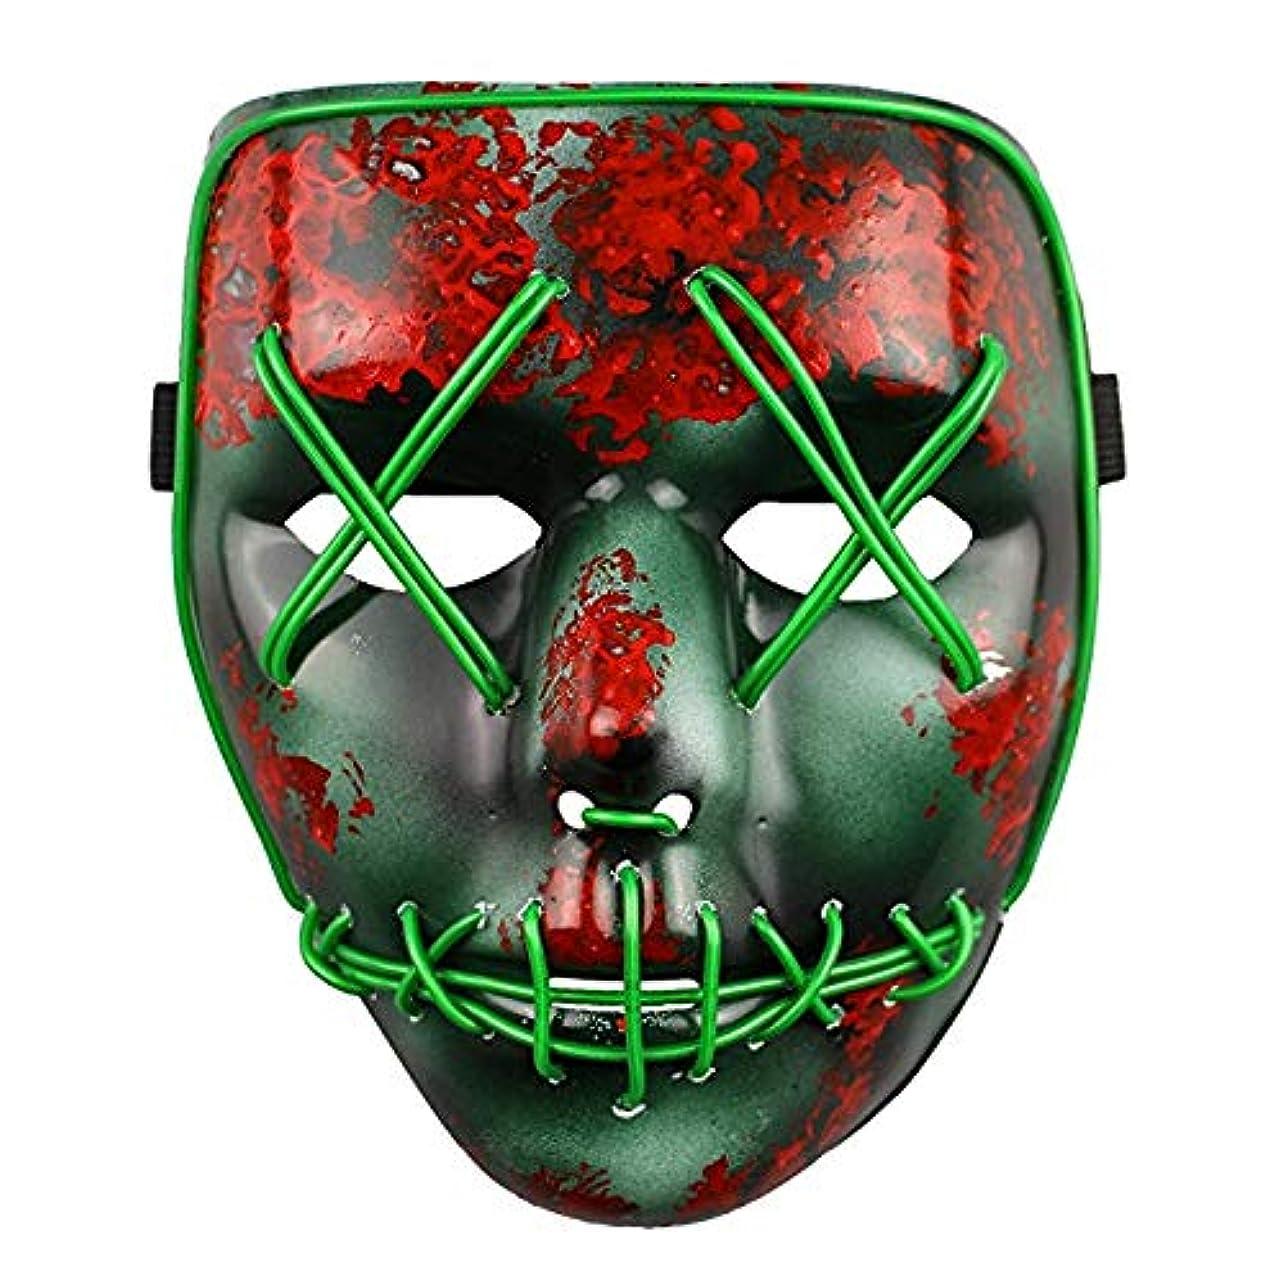 電話に出る狐とまり木ライトアップマスクフェスティバルハロウィンコスチュームアダルトマスク